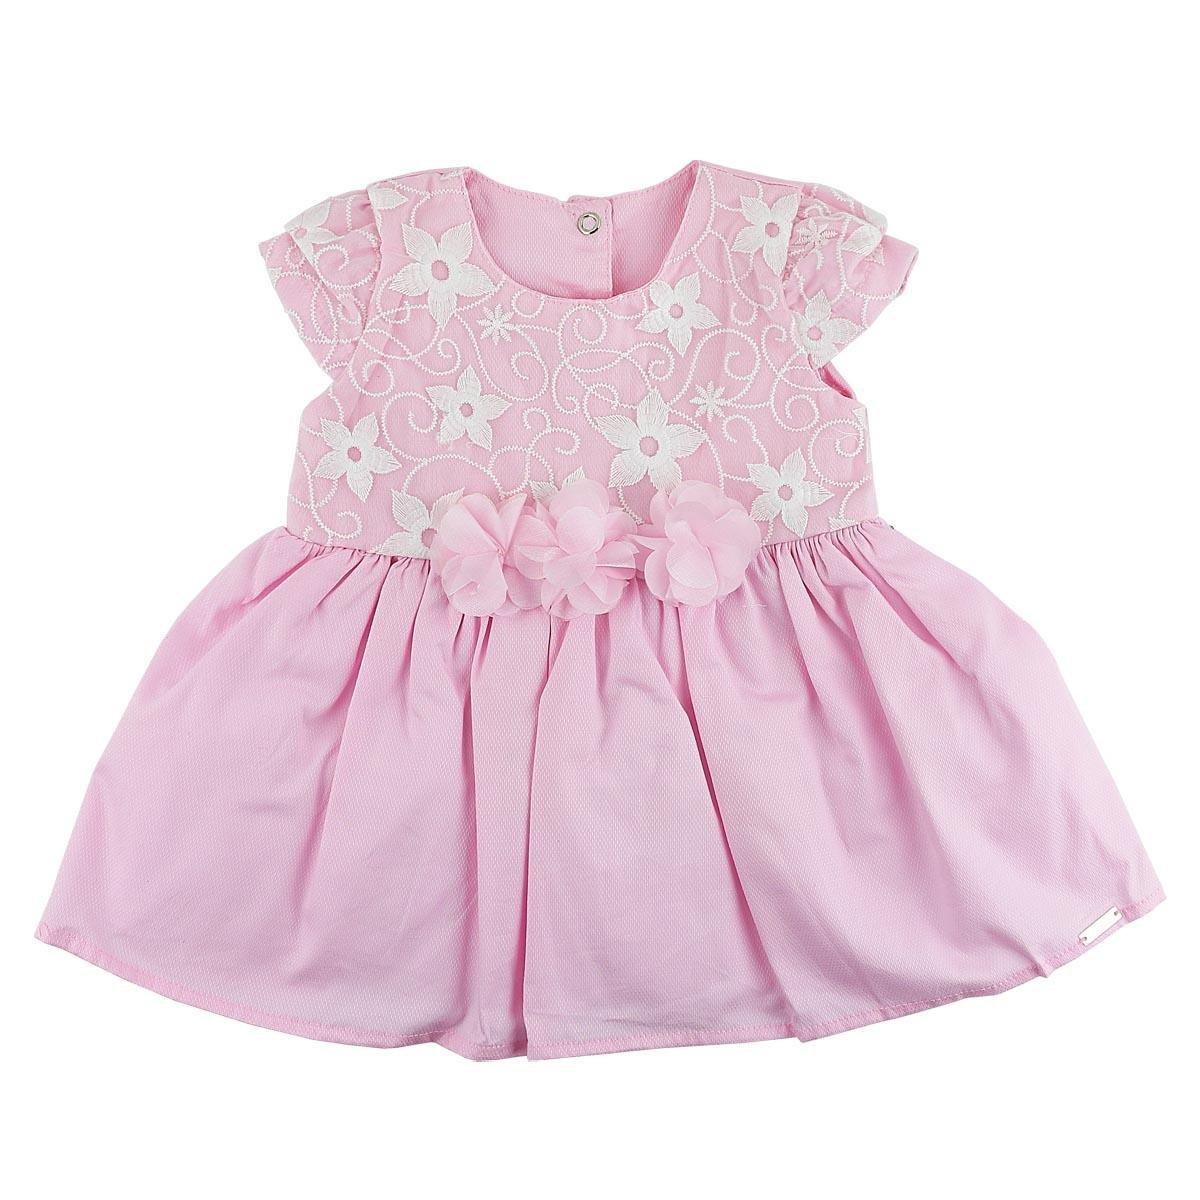 Vestido De Bebê Paraíso Moda Bebê Em Renda - Compre Agora  6066993e069